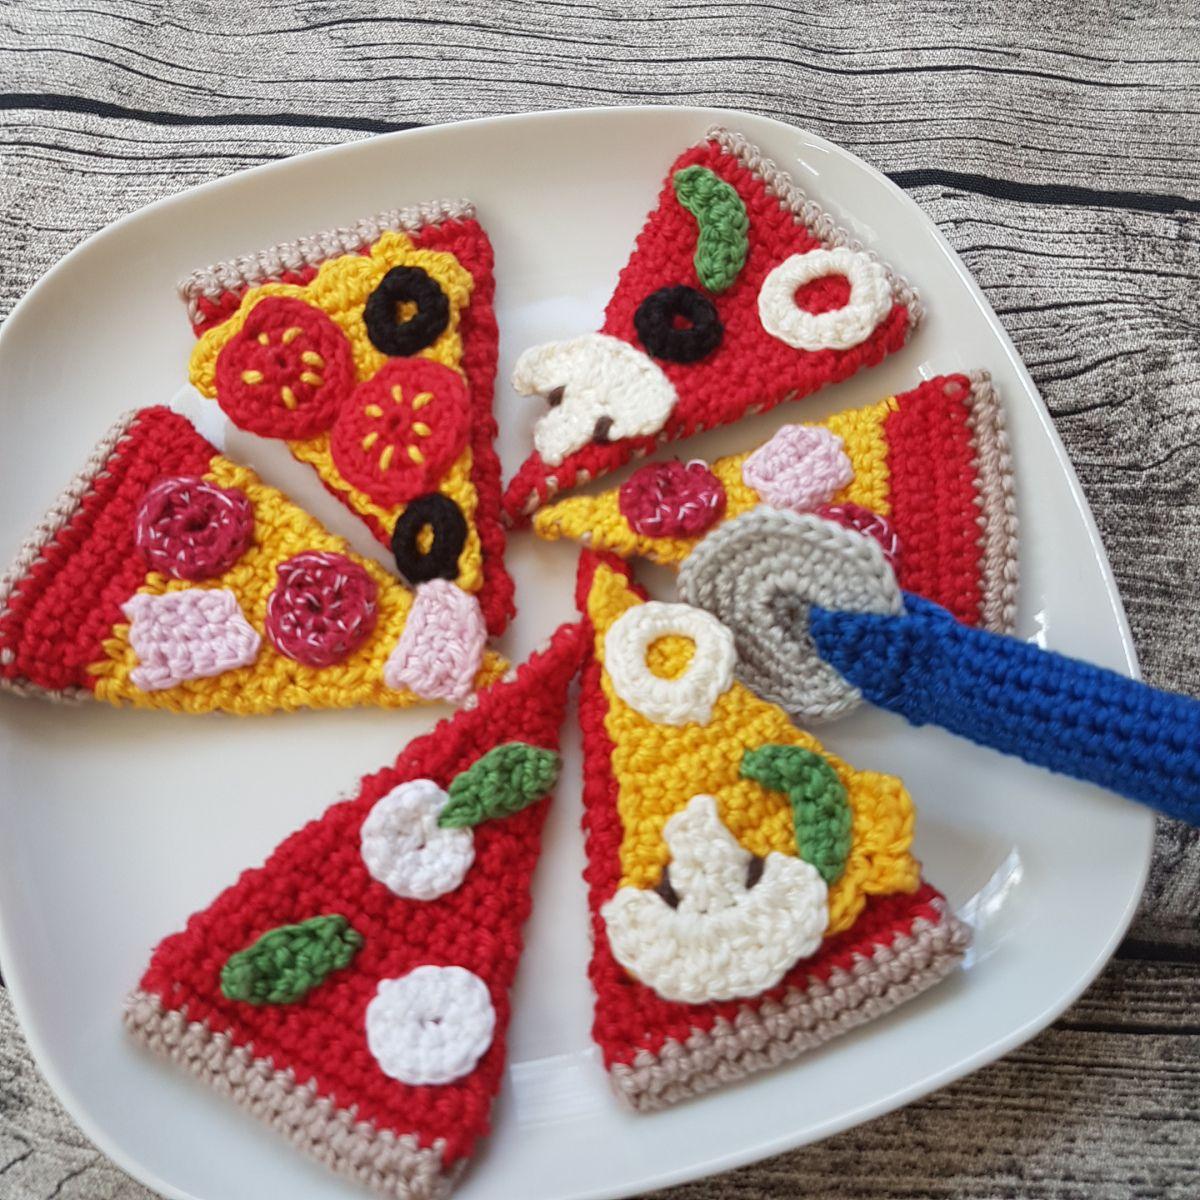 Pizza häkeln | Crochet food, Amigurumi and Chrochet